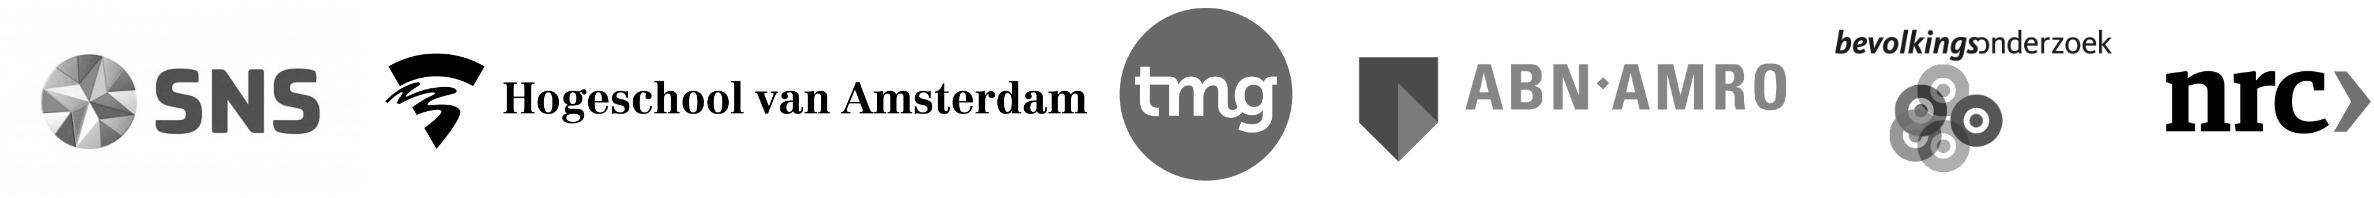 maurits-brans-logos